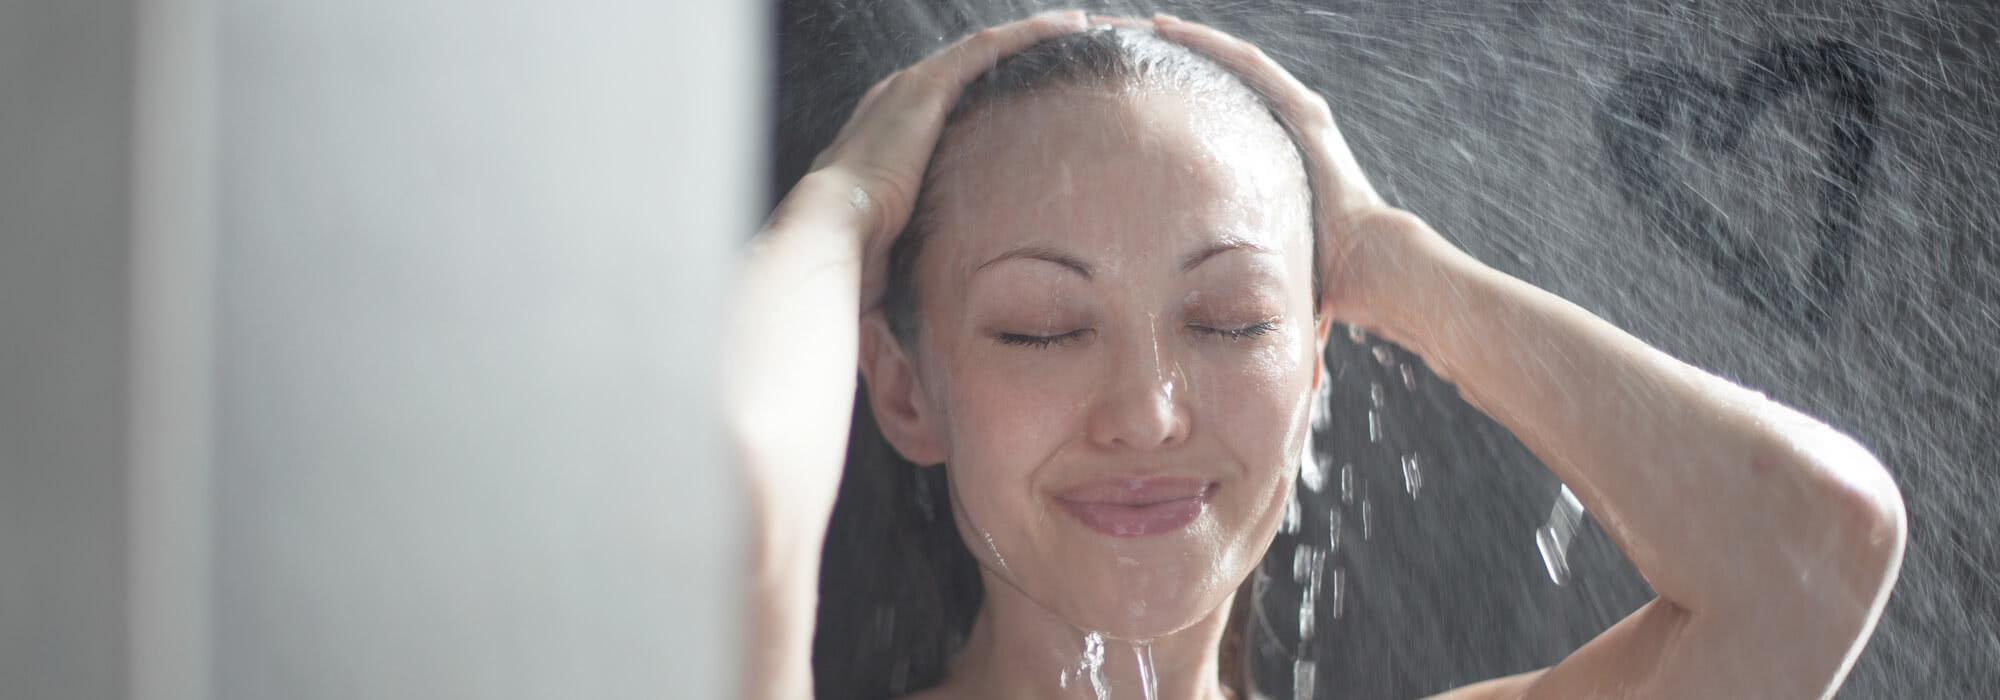 SPRINZ Duschenwelt Pflegetipps